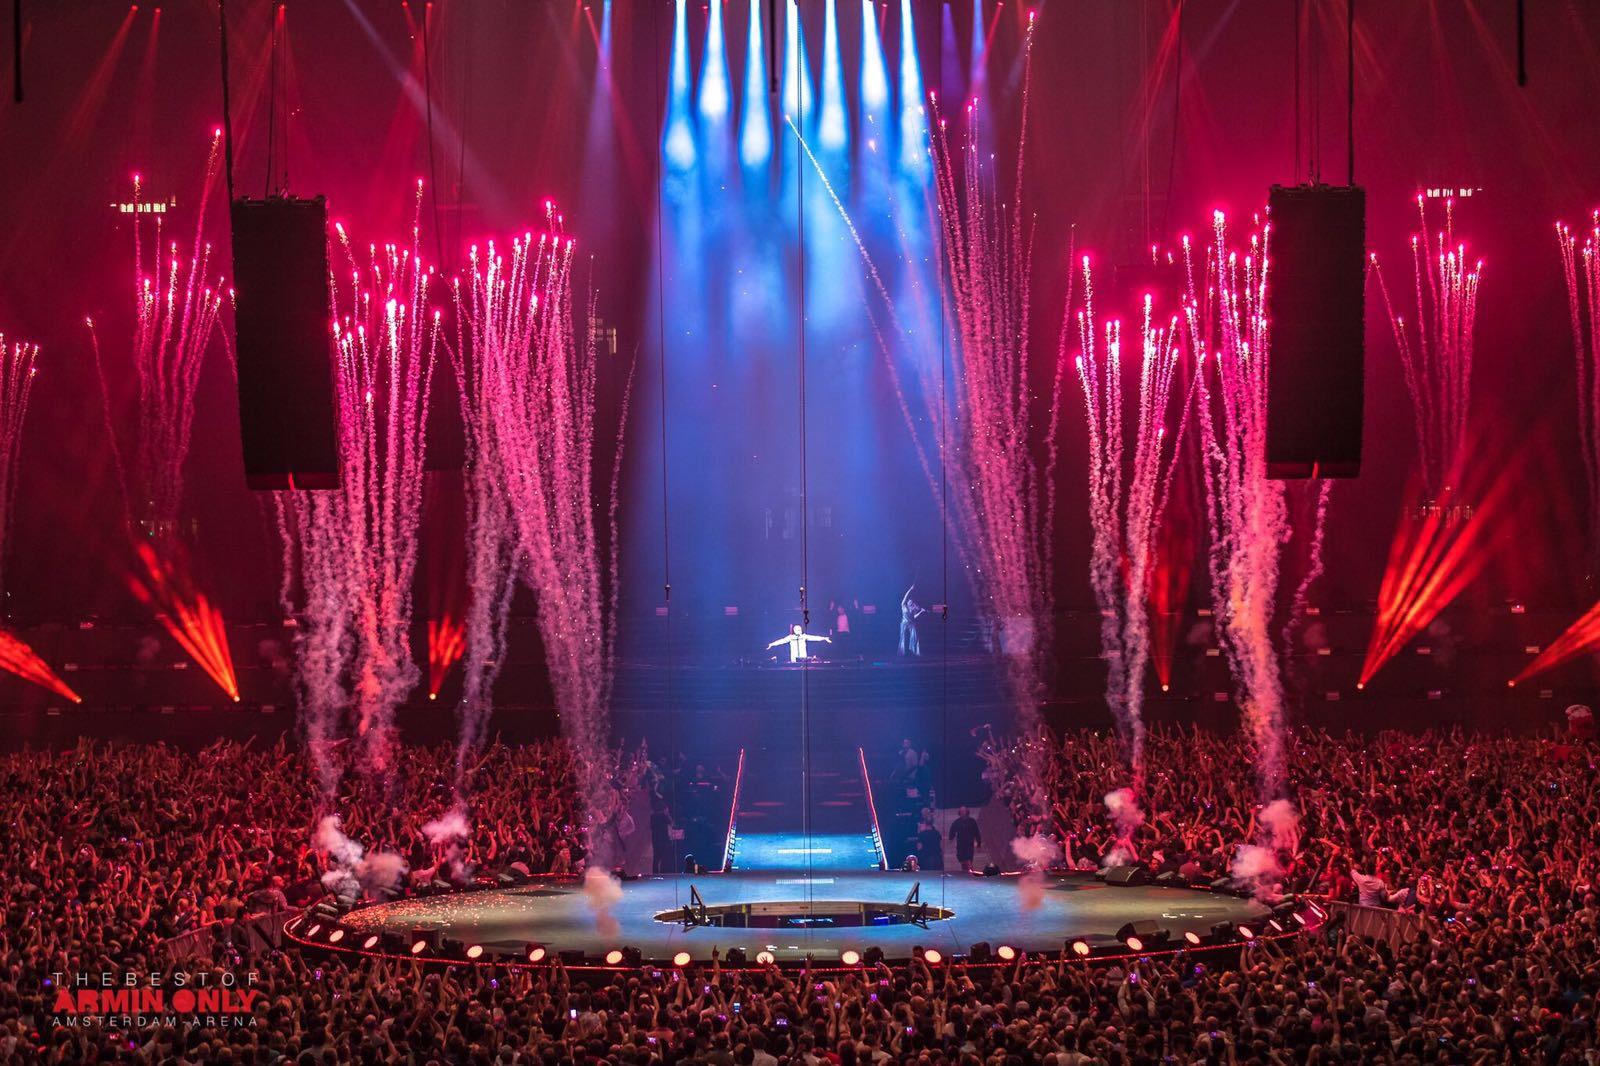 Armin van Buuren, Amsterdam Arena